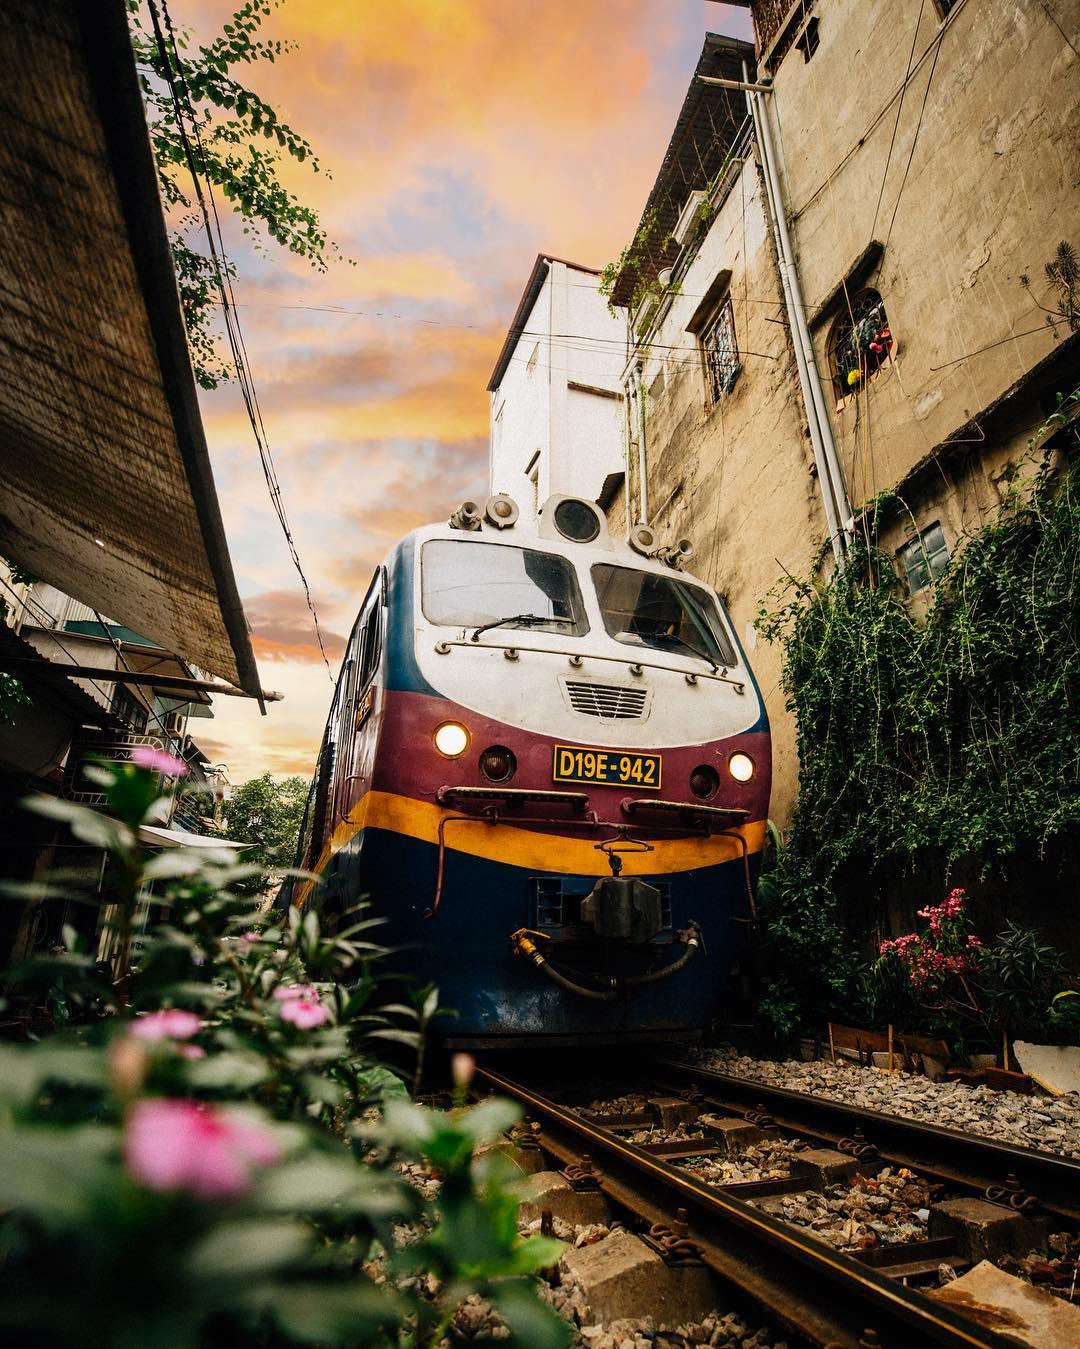 Захватывающие снимки из путешествий Логана Ламберта